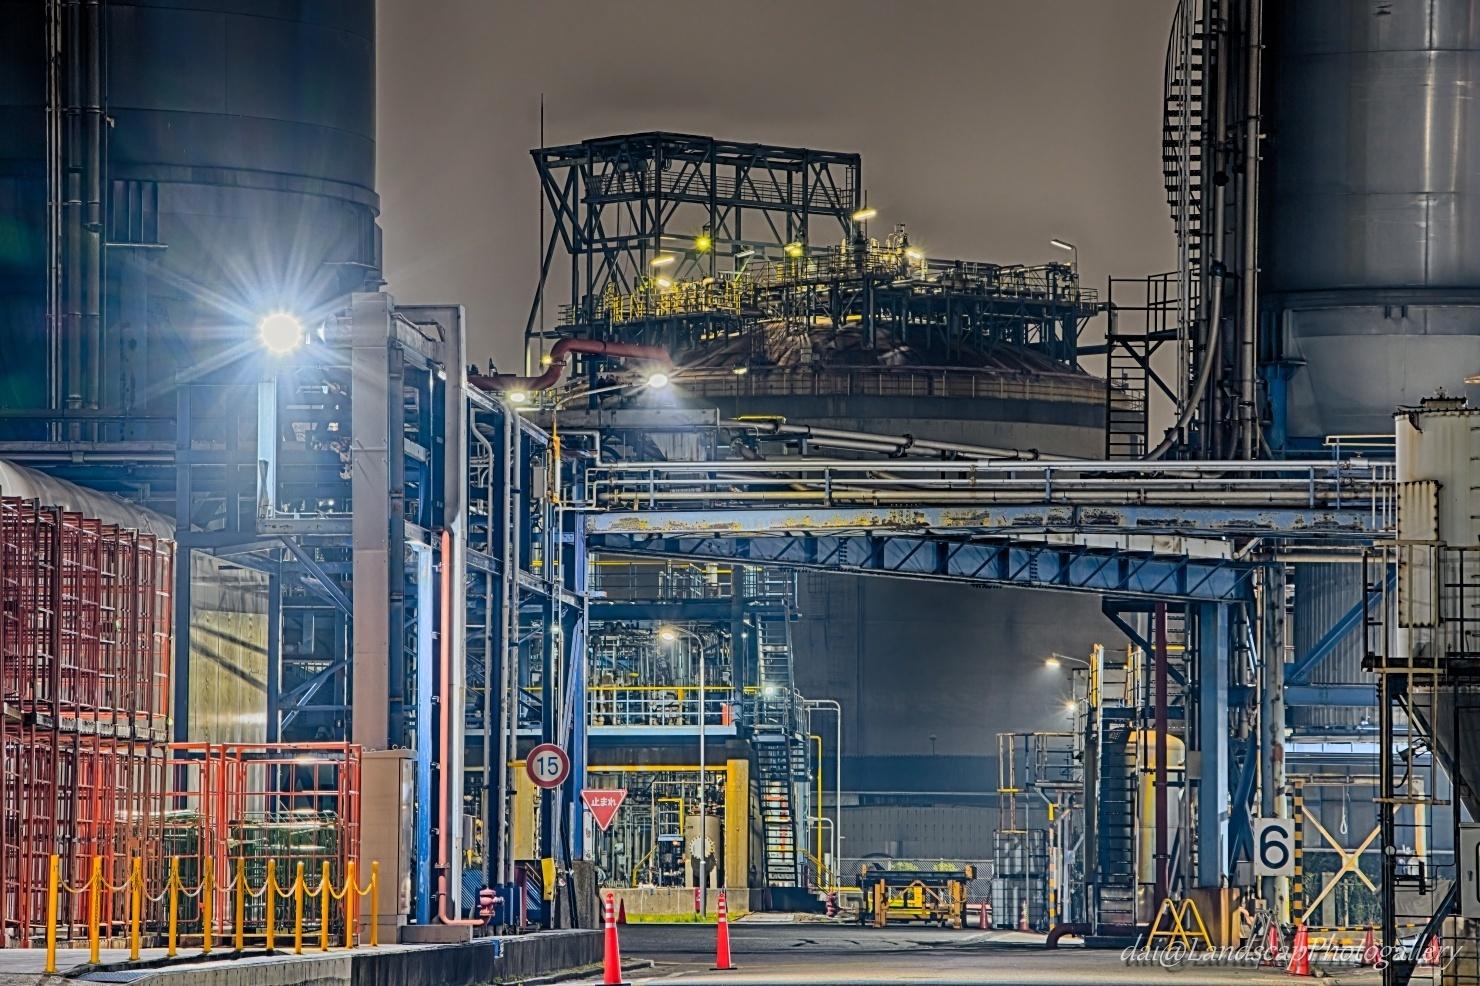 京浜工業地帯 工場夜景【HDRi】